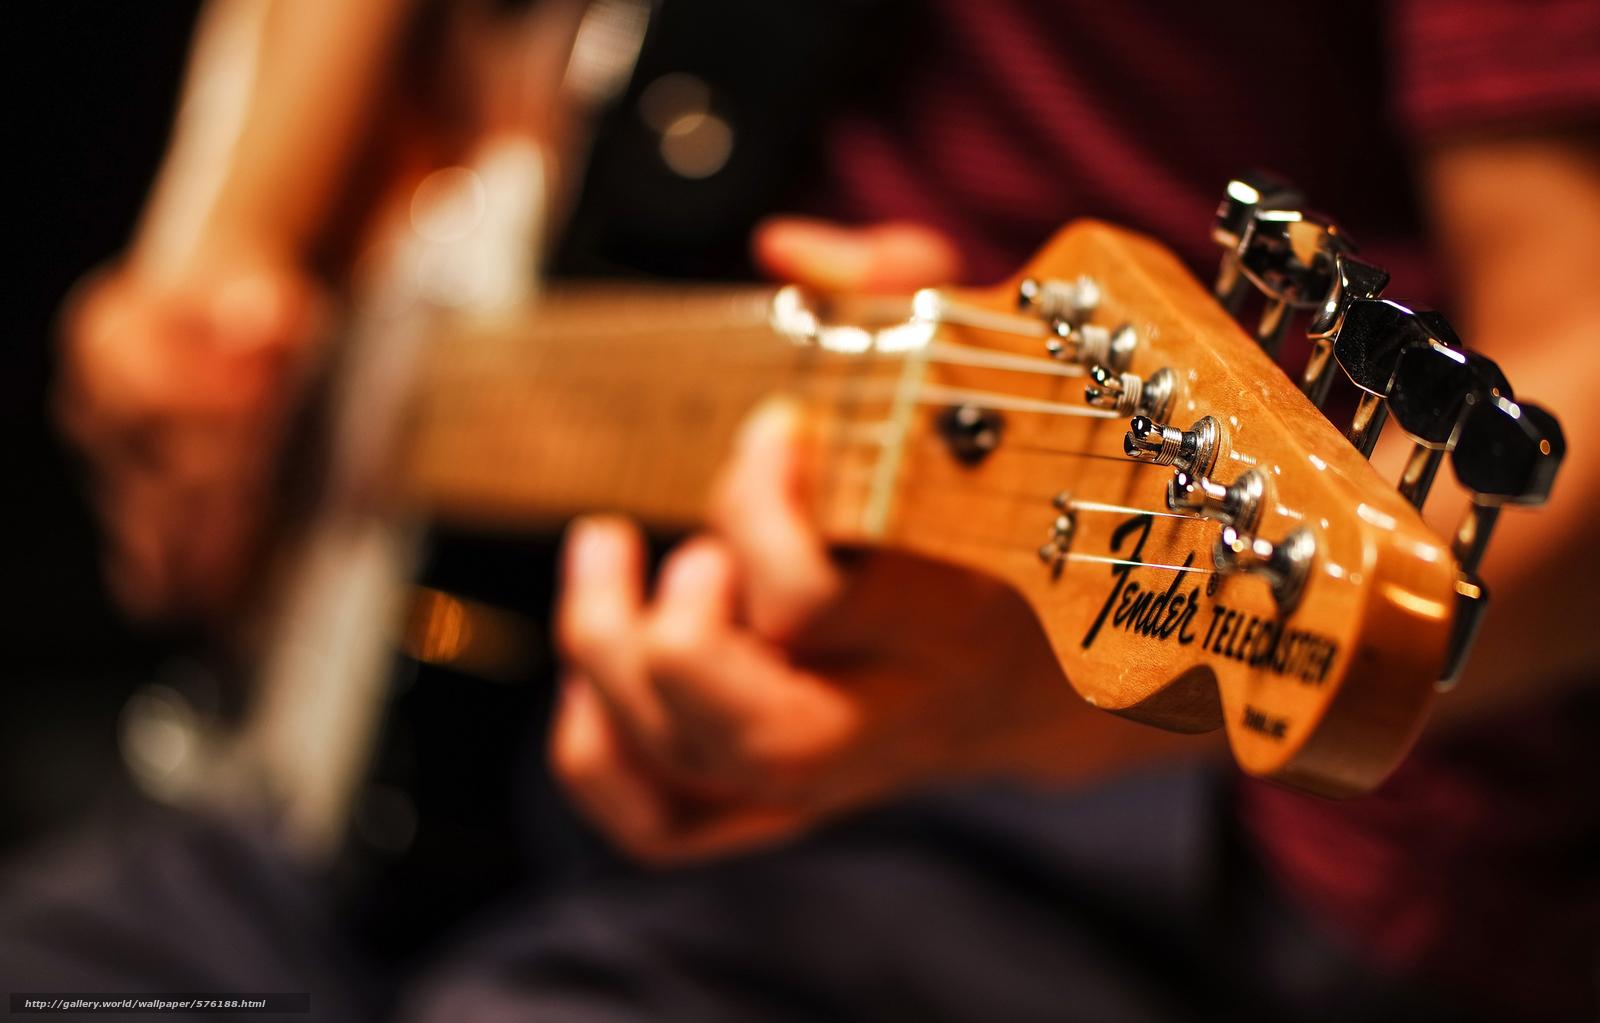 ギター楽譜の読み方!初心者でも簡単に弾き方がわかる!記號の意味を解説!